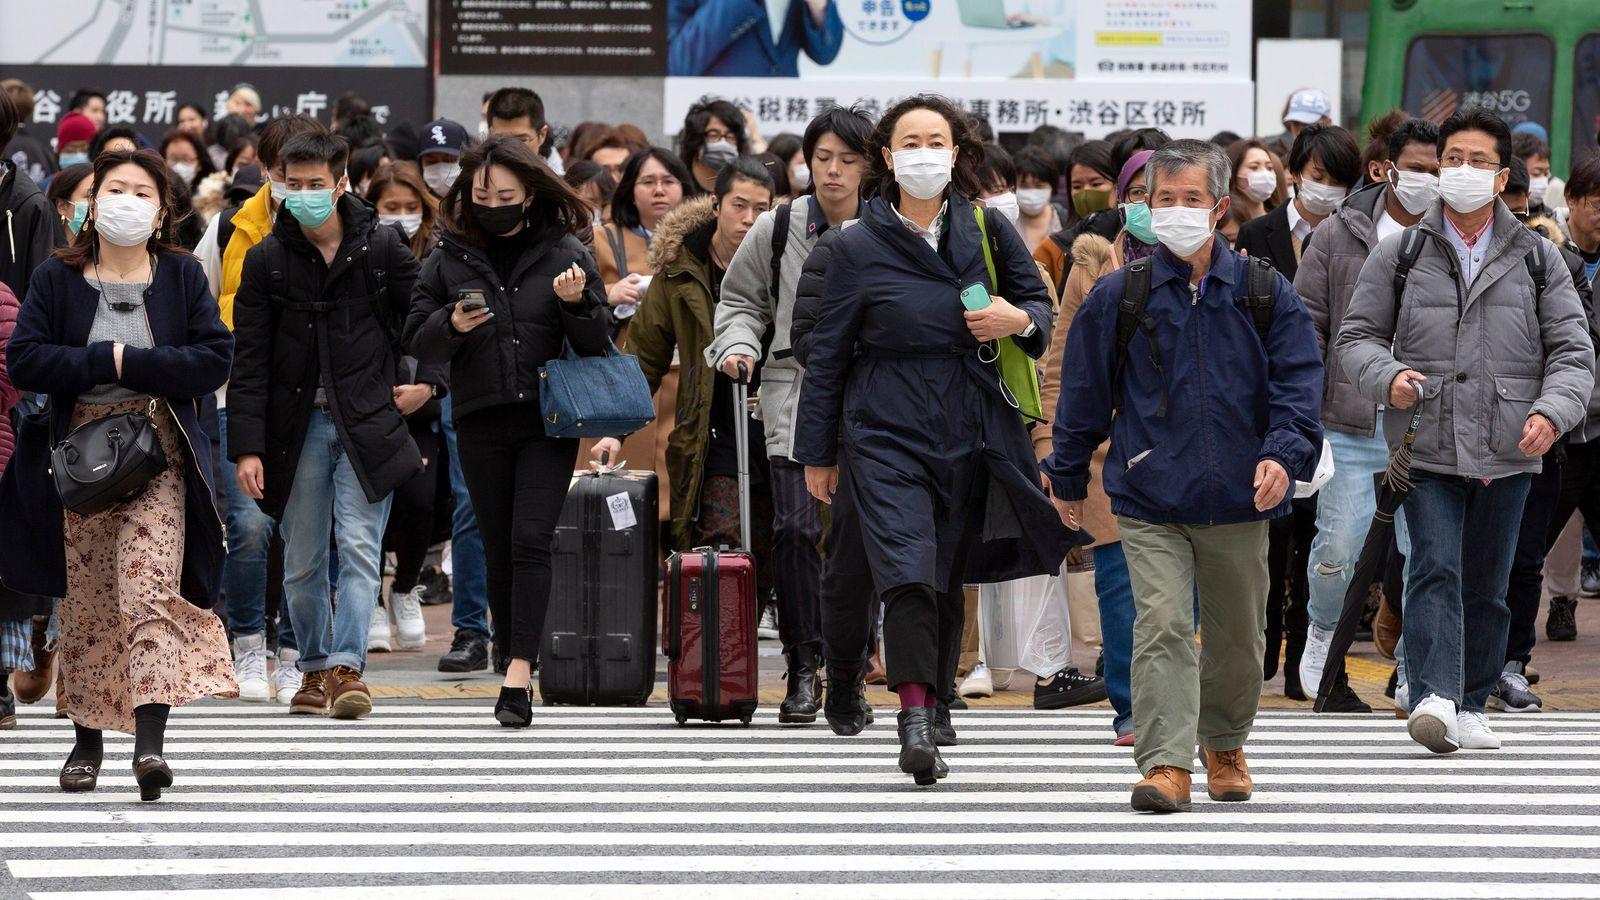 なぜ日本では新型コロナが「感染爆発」しないのか これは国民一人一人の勝利である